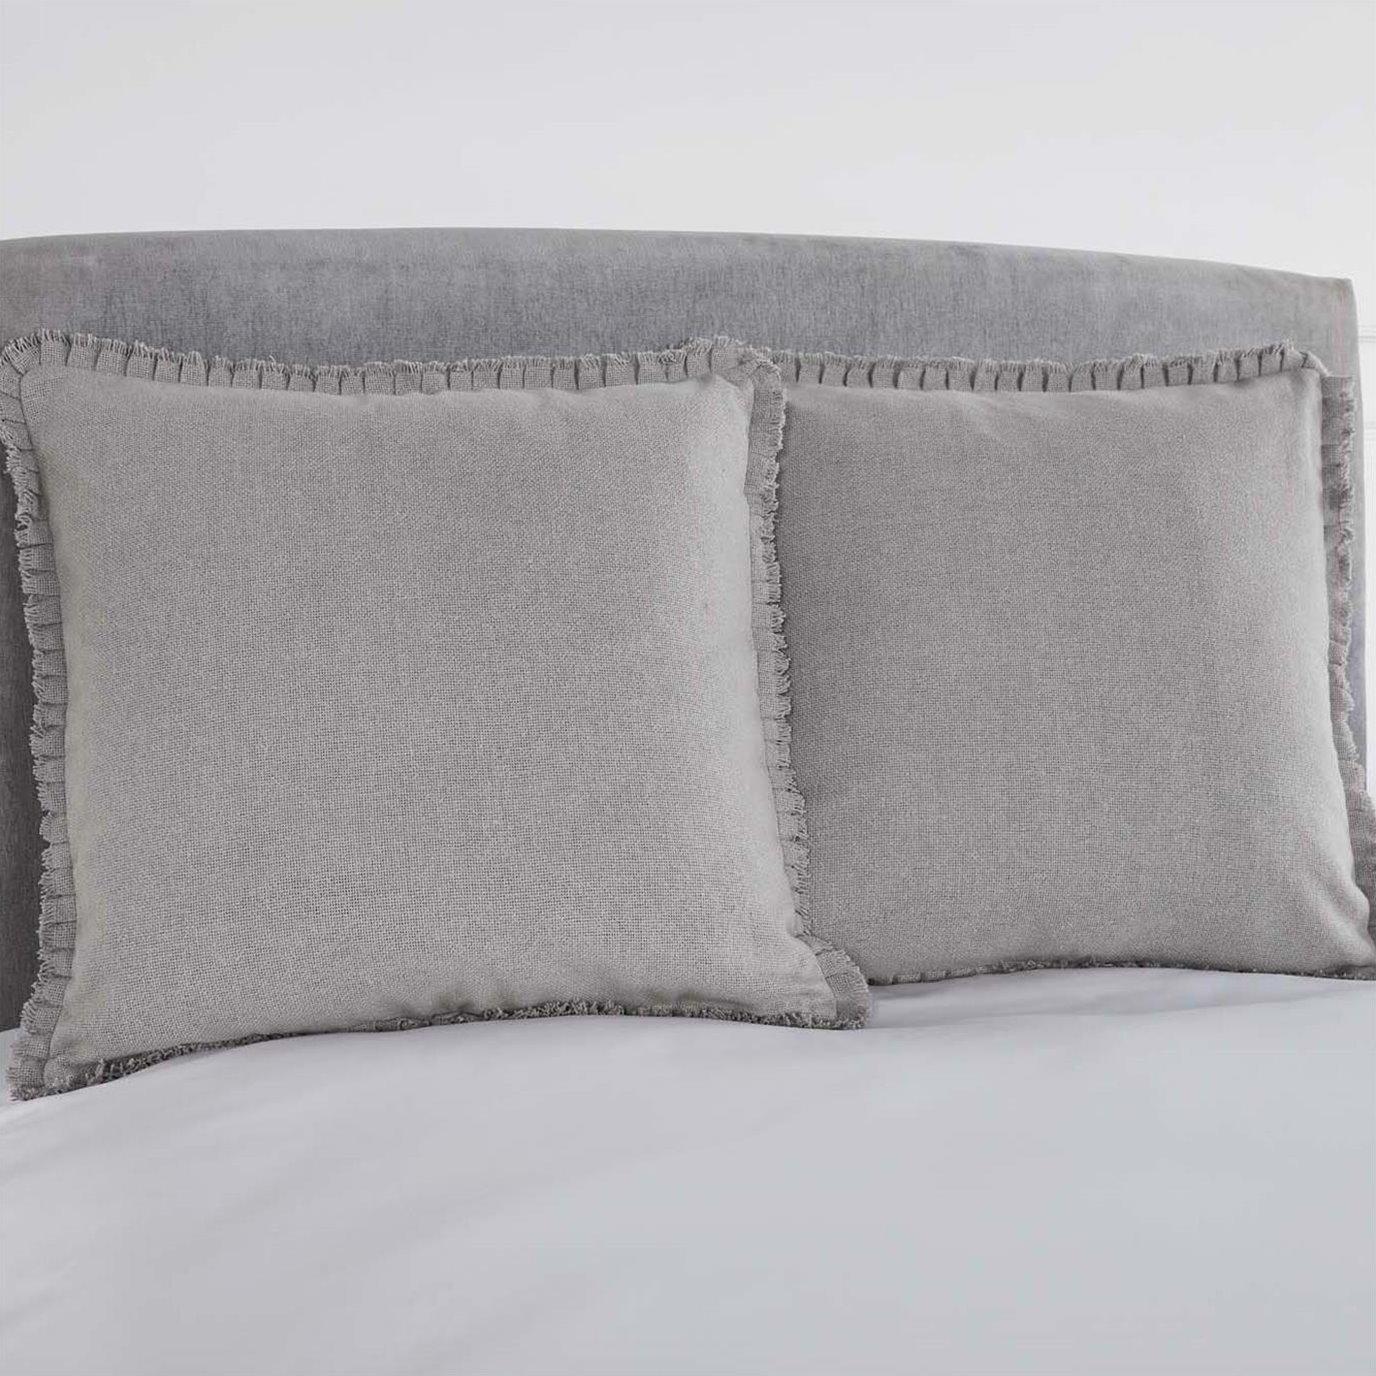 Burlap Dove Grey Fabric Euro Sham w/ Fringed Ruffle 26x26